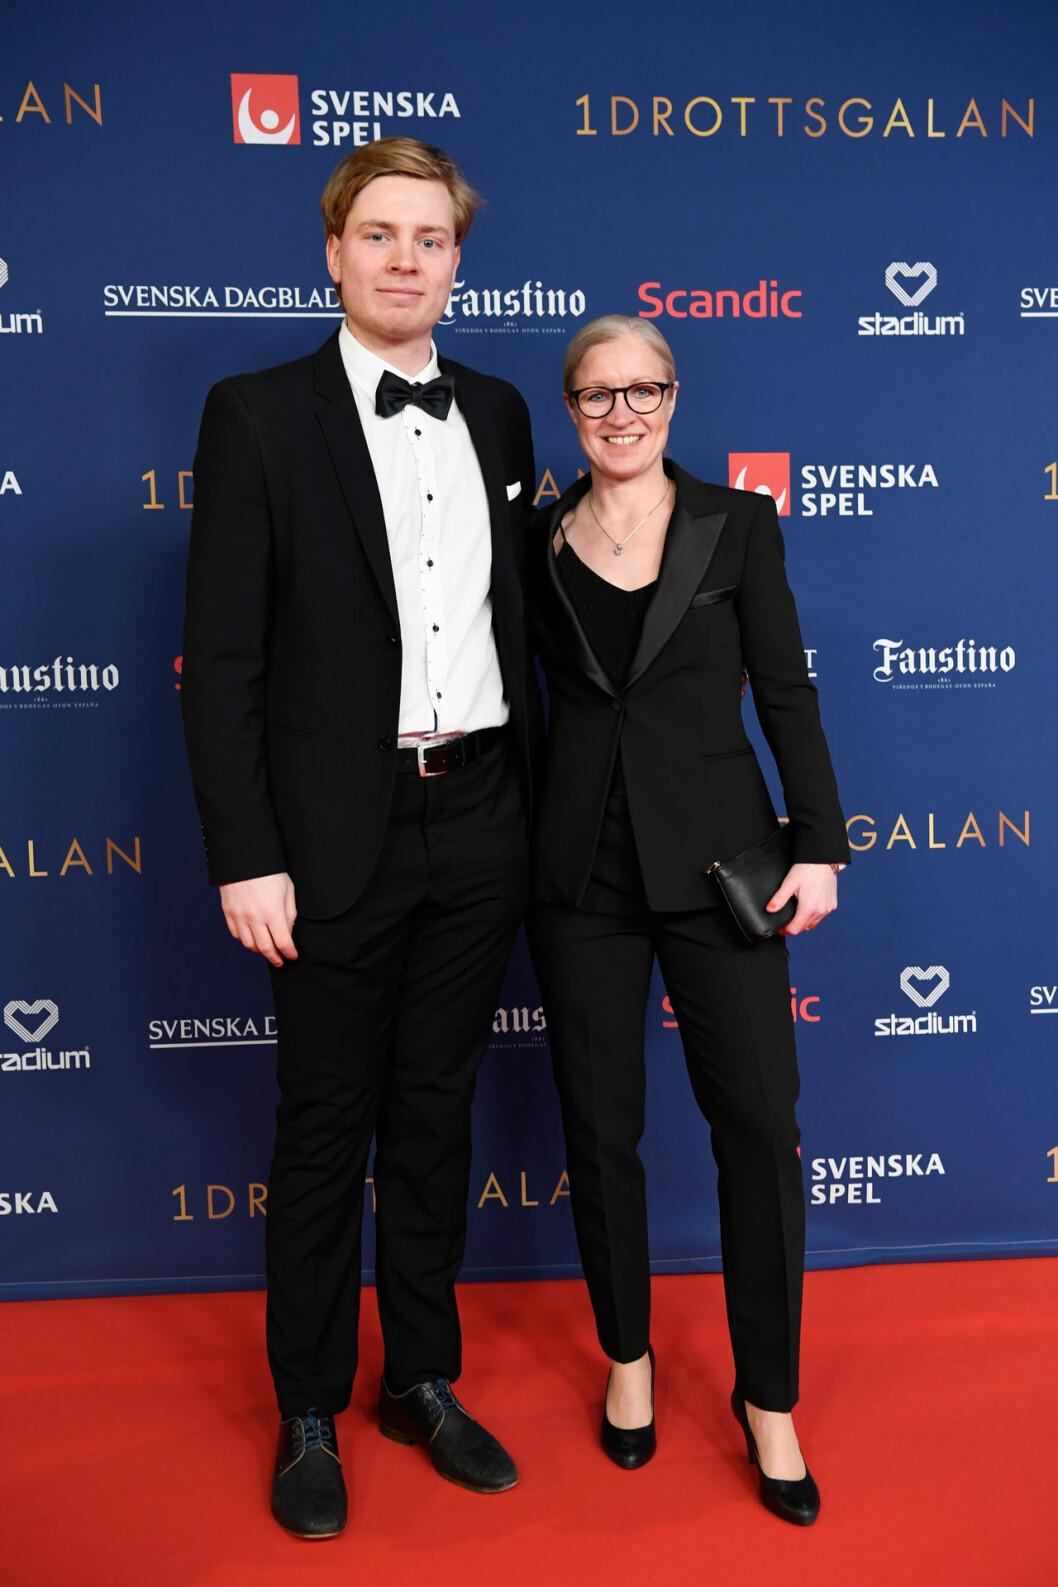 Victoria Sandell Svensson med sällskap på röda mattan på Idrottsgalan 2020